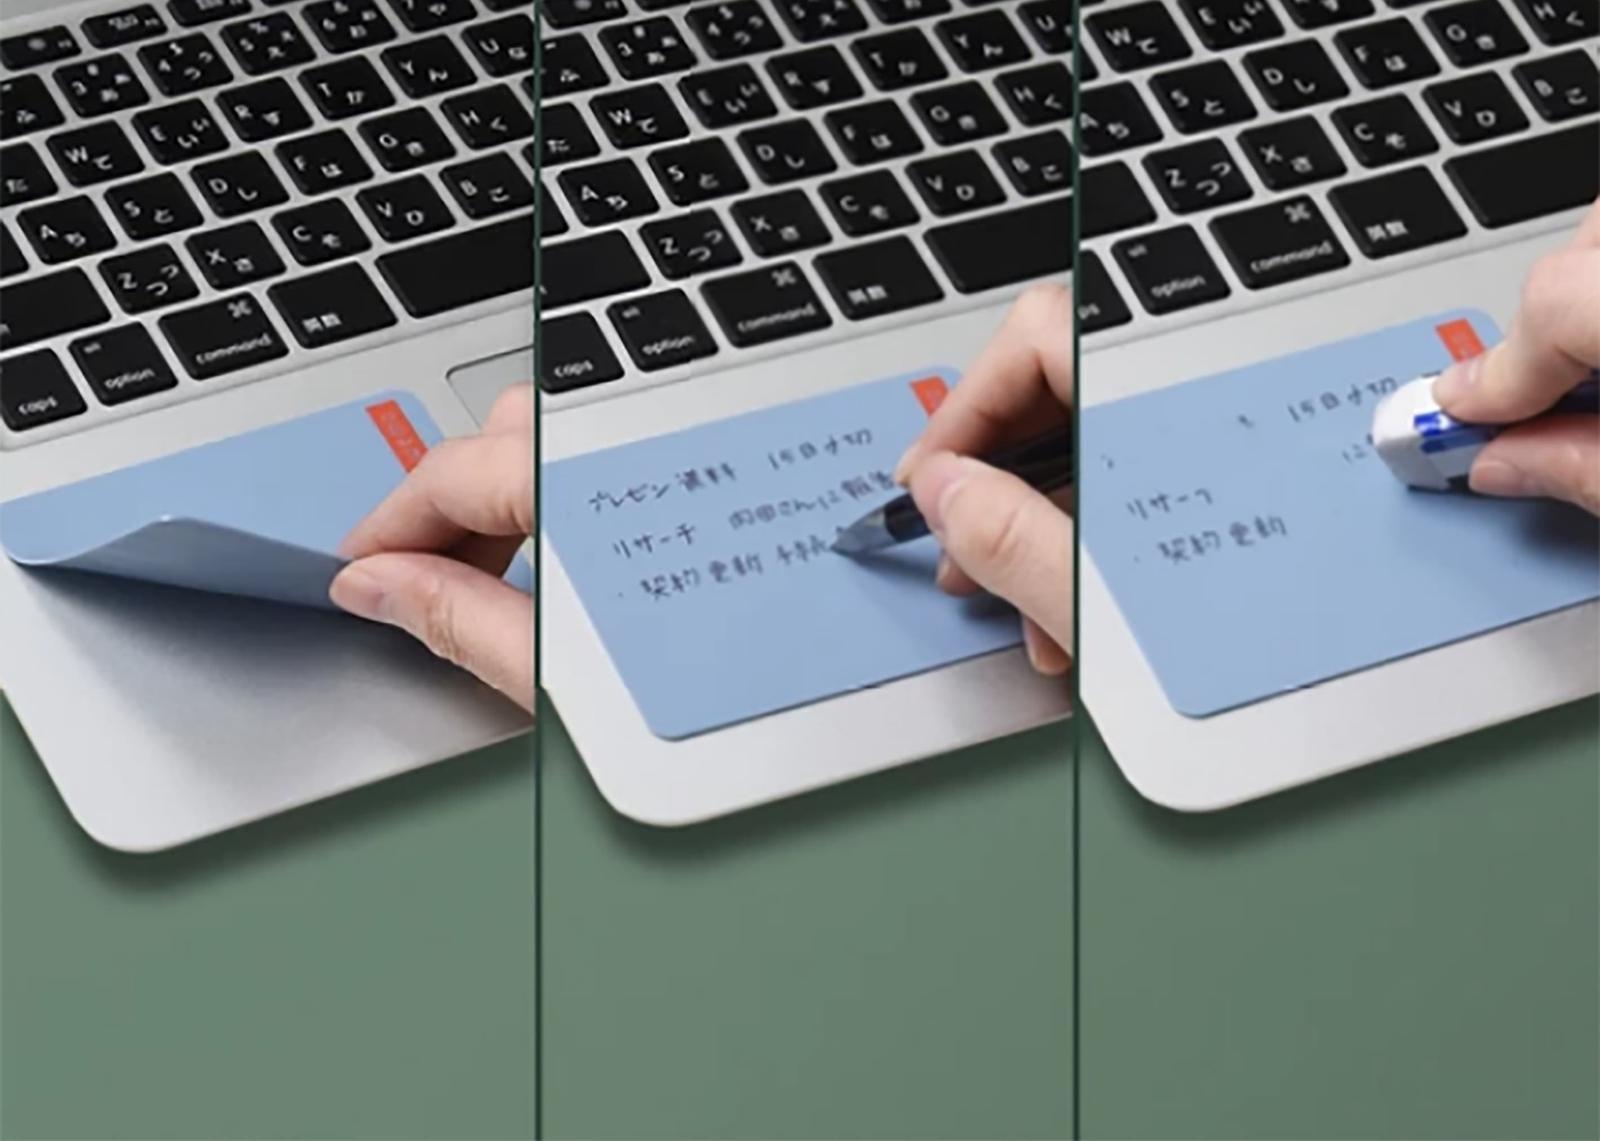 コスモテック WEMO パッドタイプ Sサイズ 1枚入 各種 シリコン メモ 消せる 貼る ノートパソコン スマホ 机